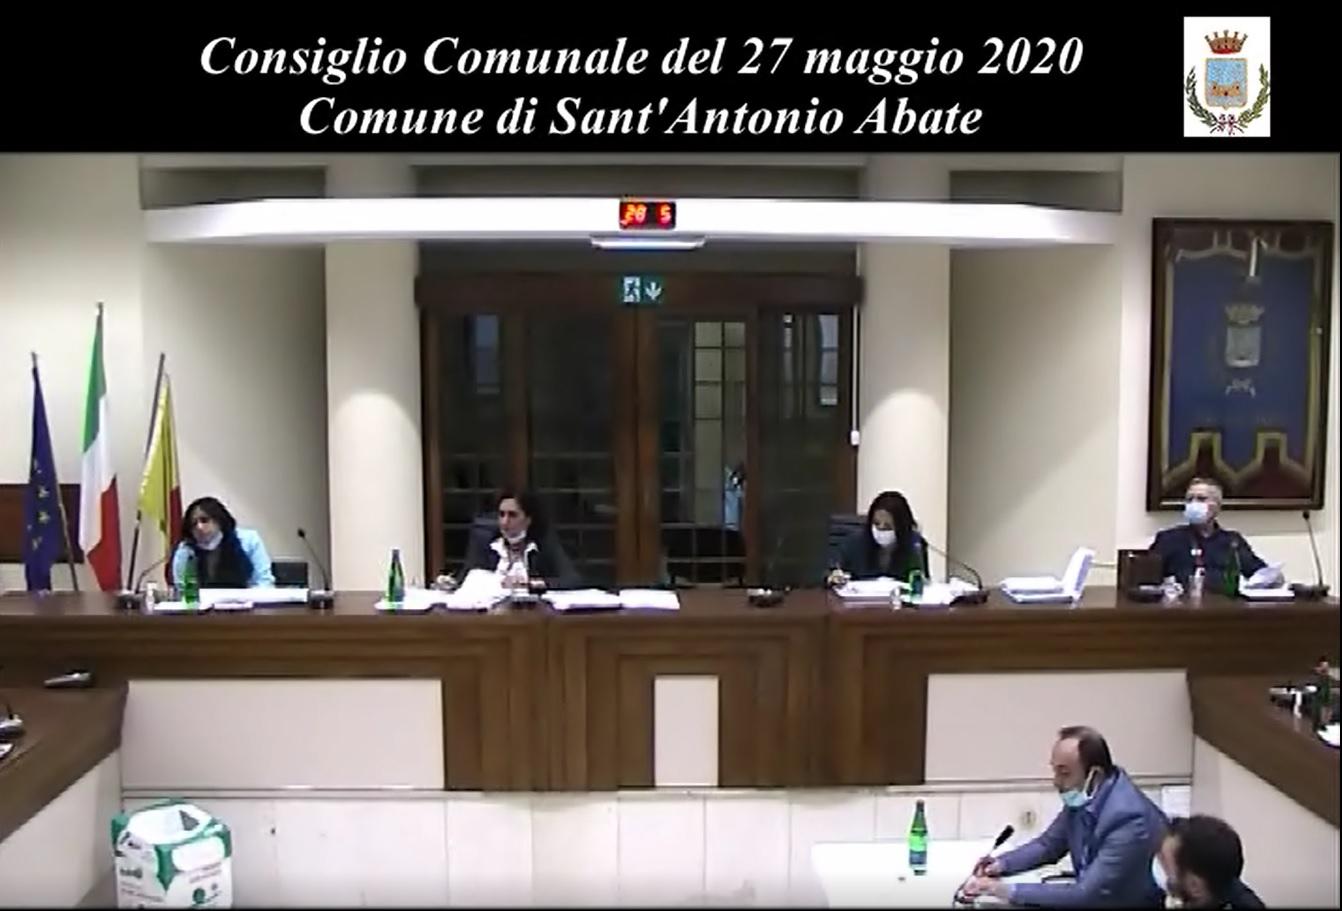 consiglio comunale del 27 maggio 2020